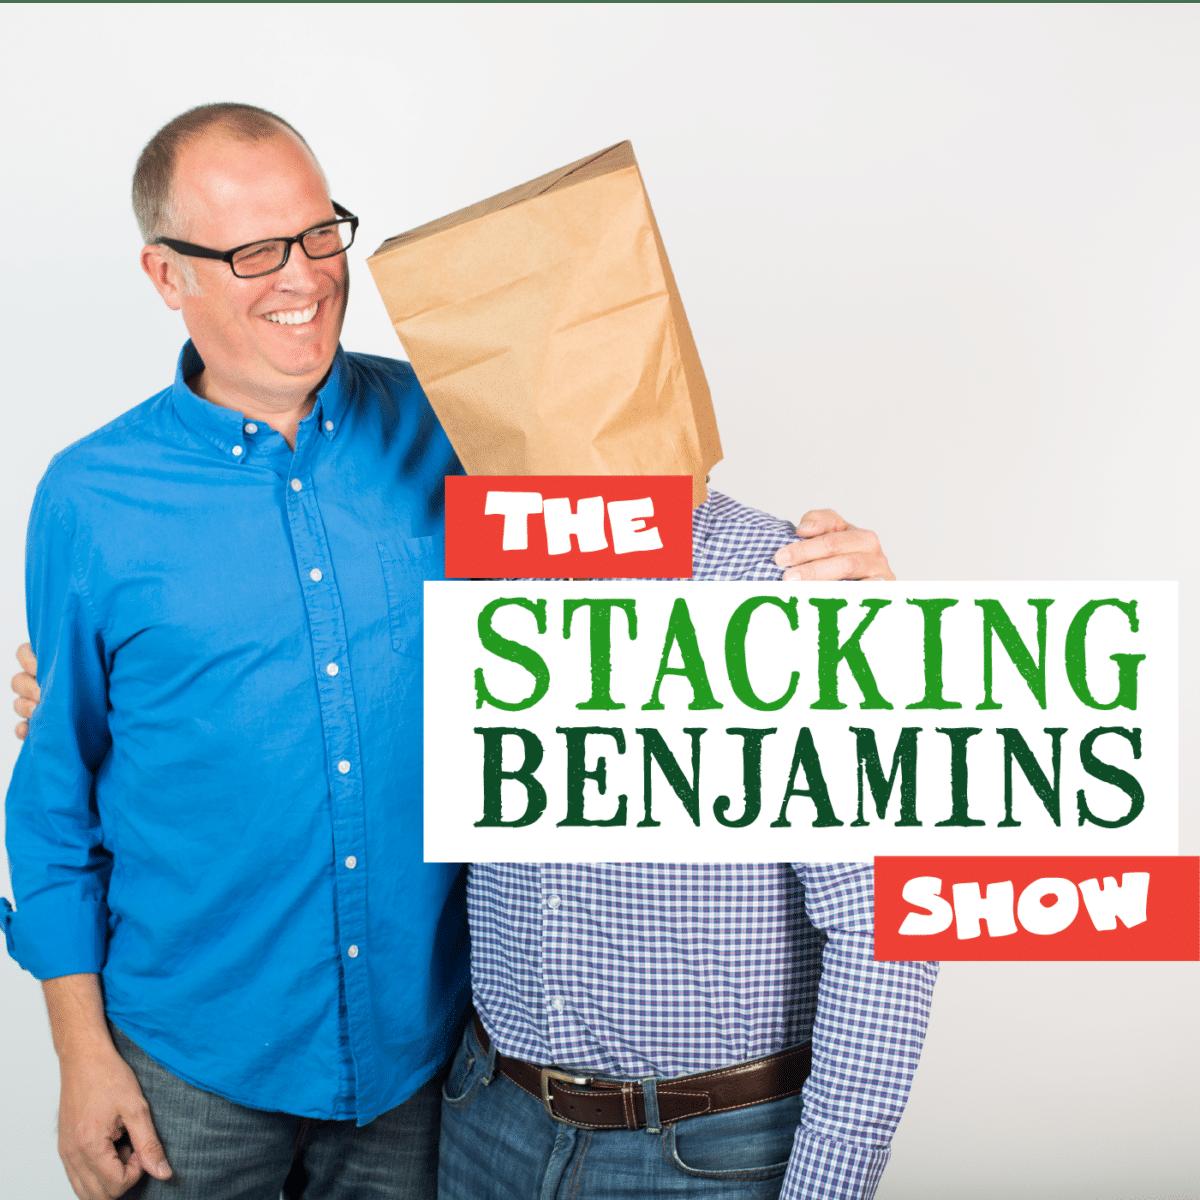 Stacking Benjamins Show